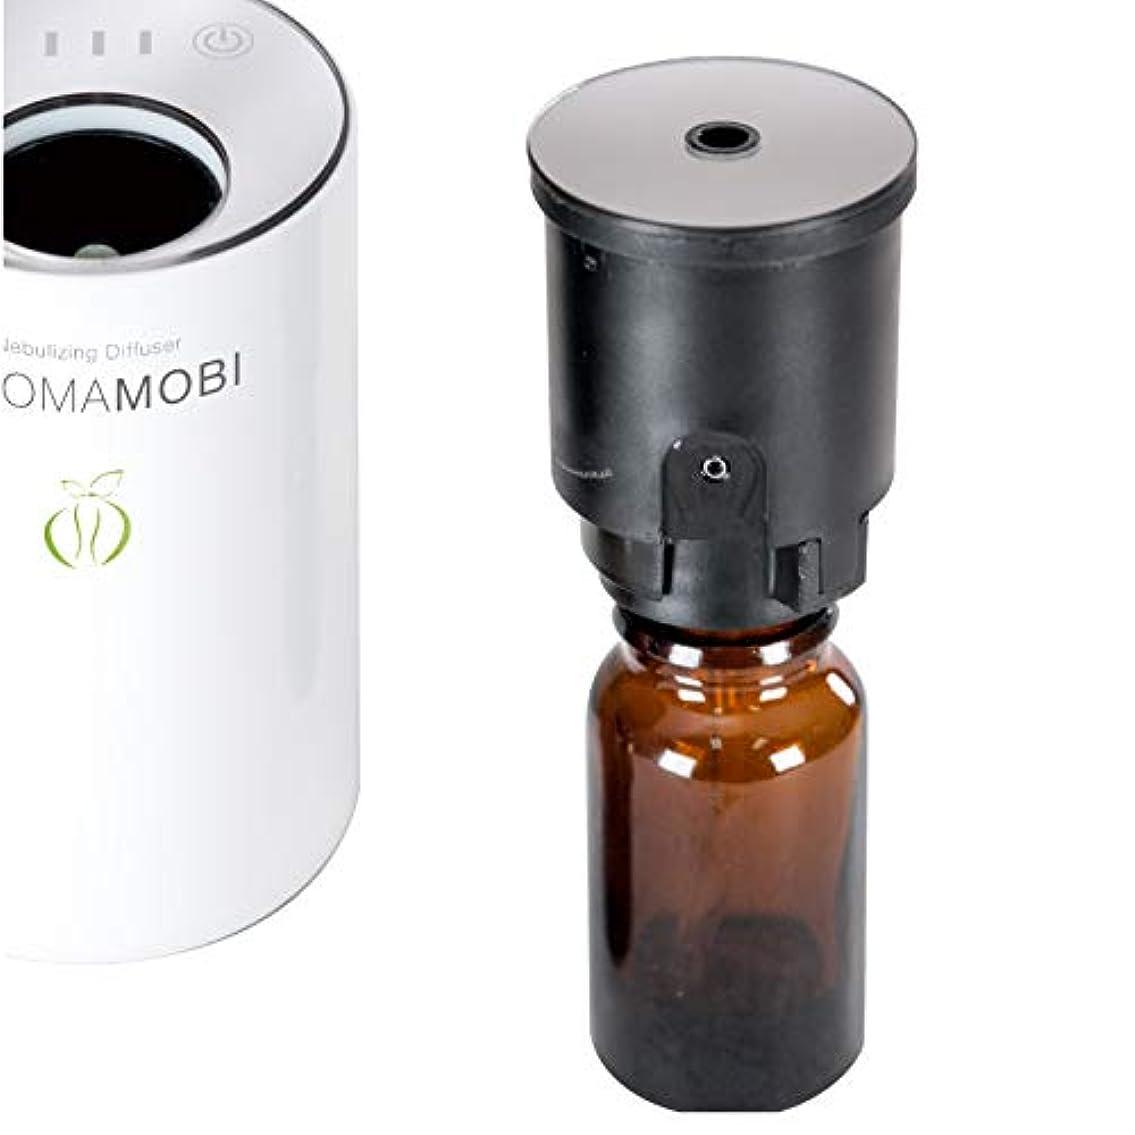 エゴイズム建物結果としてfunks アロマモビ 専用 交換用 ノズル ボトルセット aromamobi アロマディフューザー